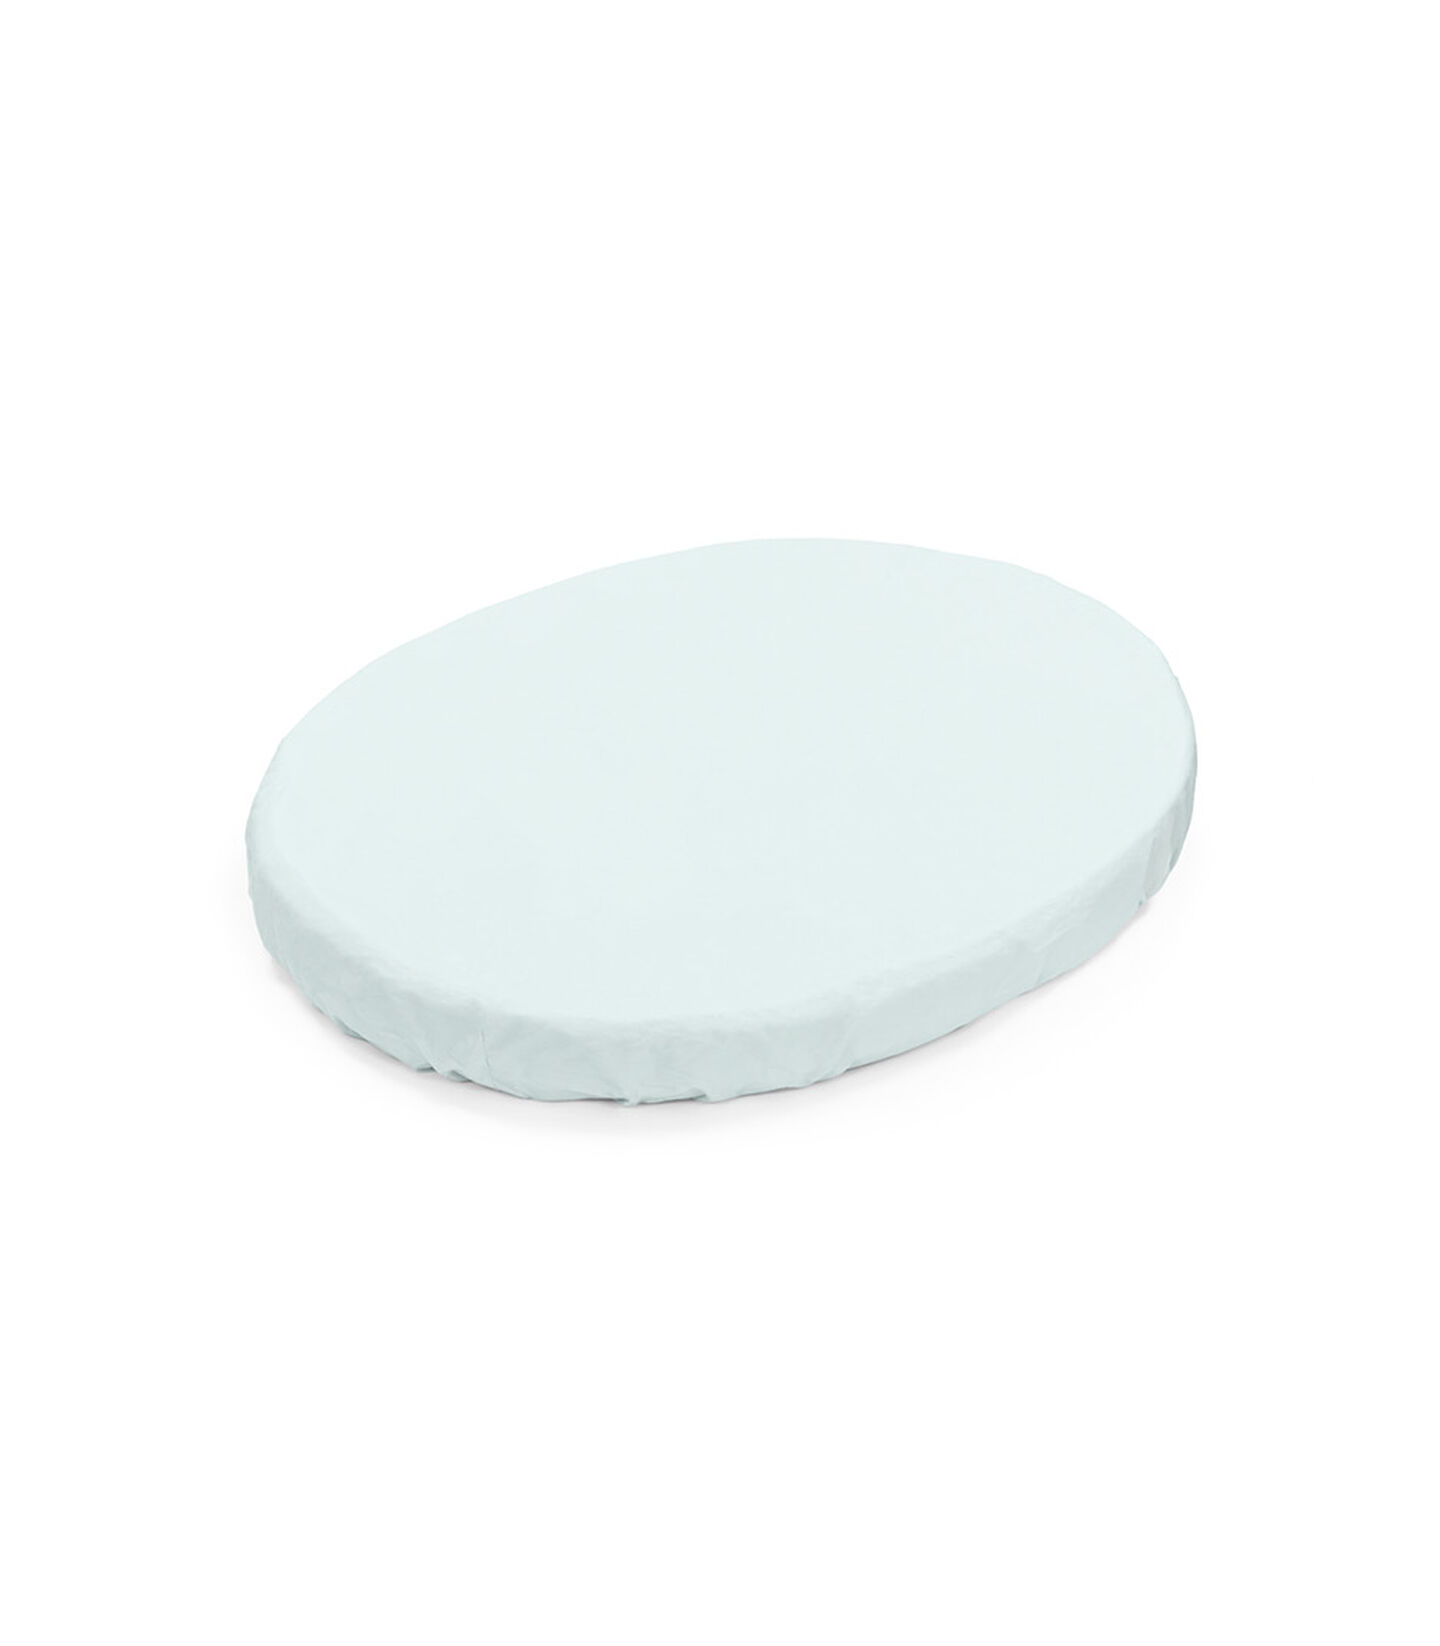 Stokke® Sleepi™ Mini hoeslaken zachtblauw, Zachtblauw, mainview view 1